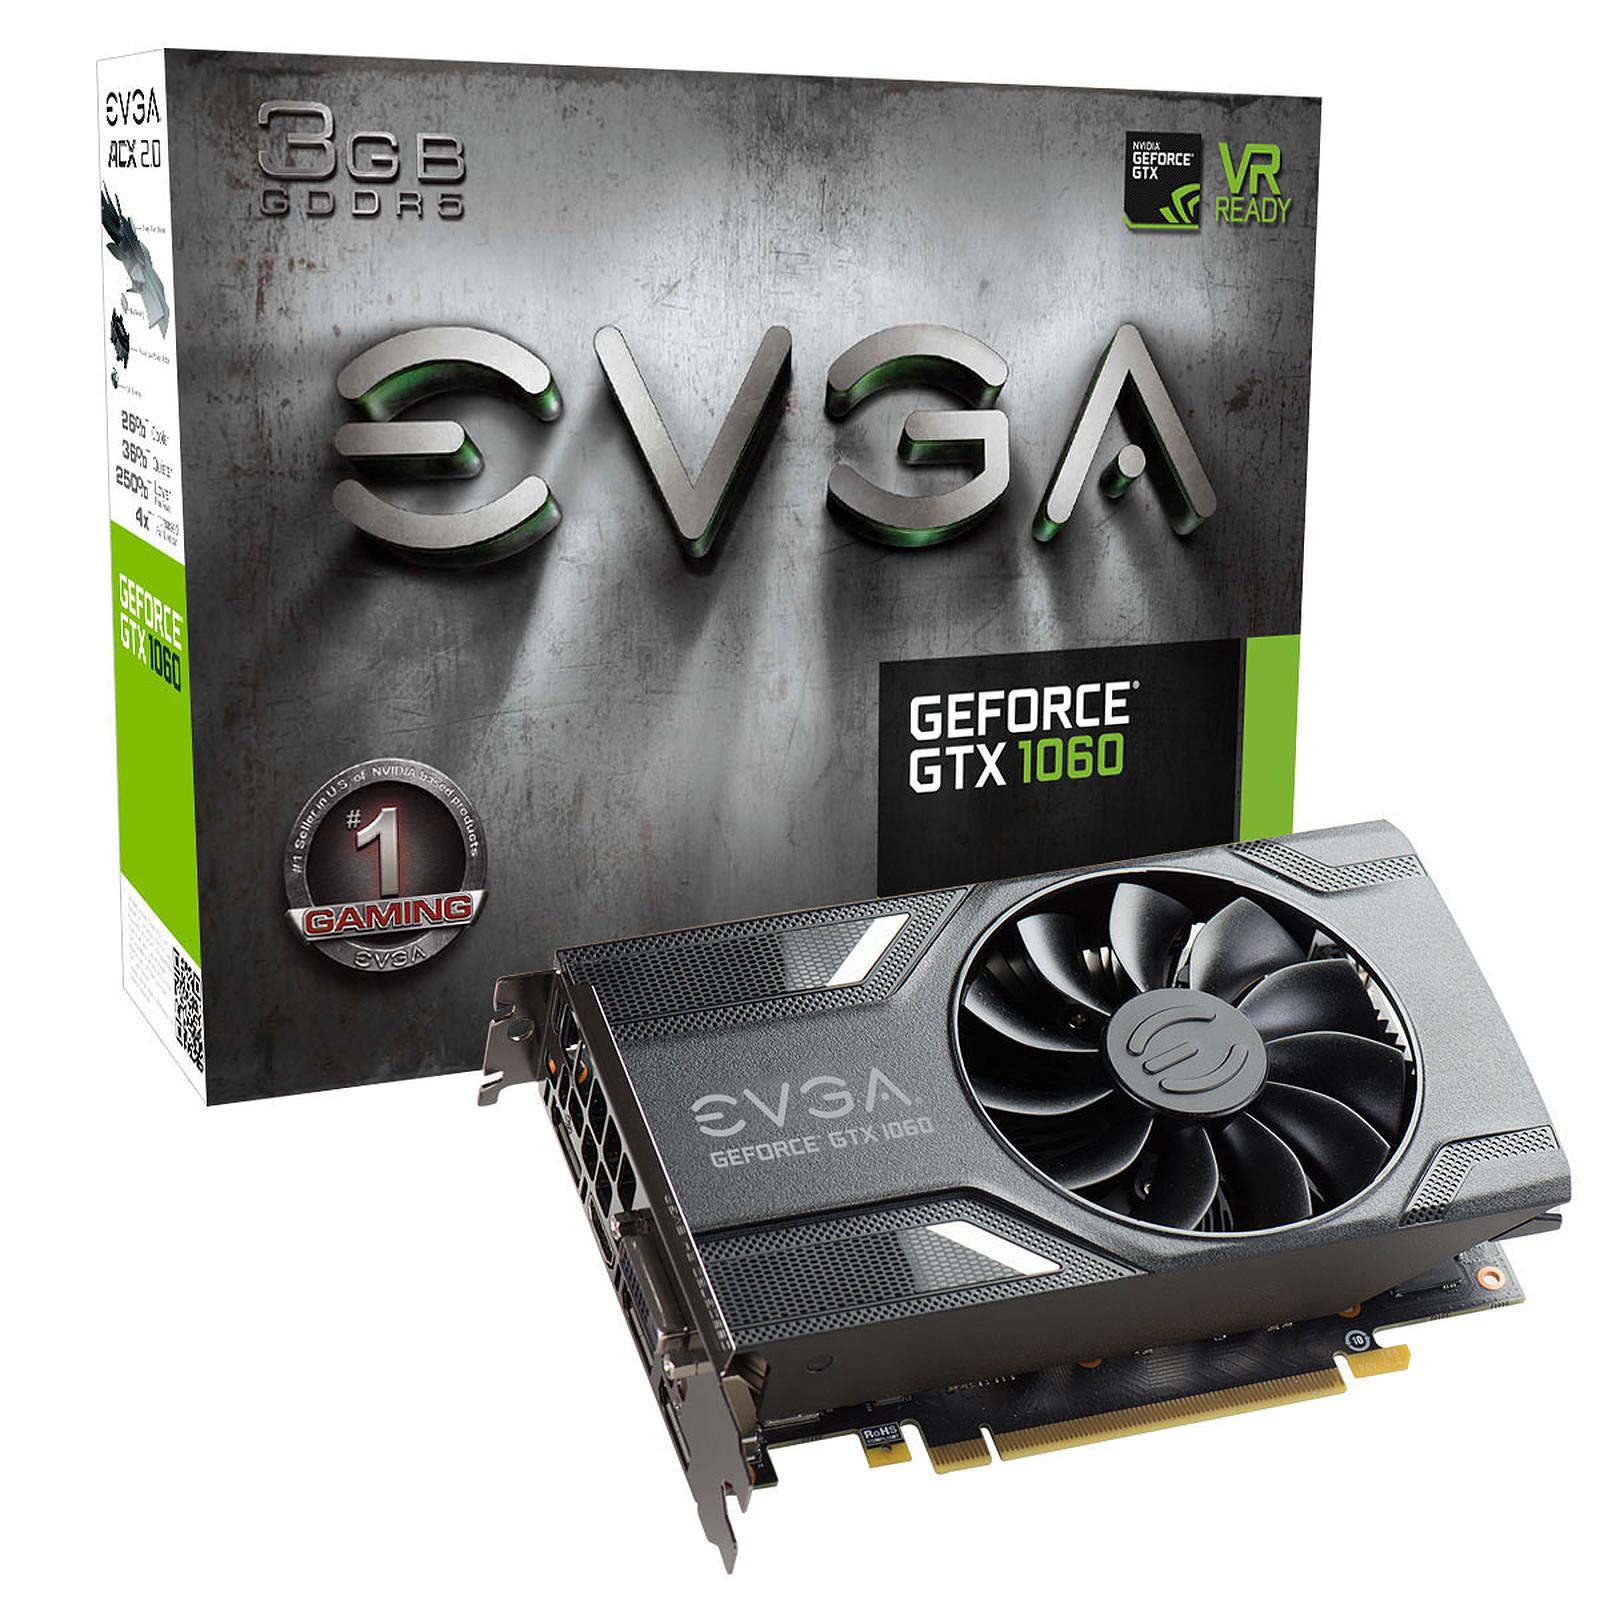 EVGA GeForce GTX 1060 3GB GAMING